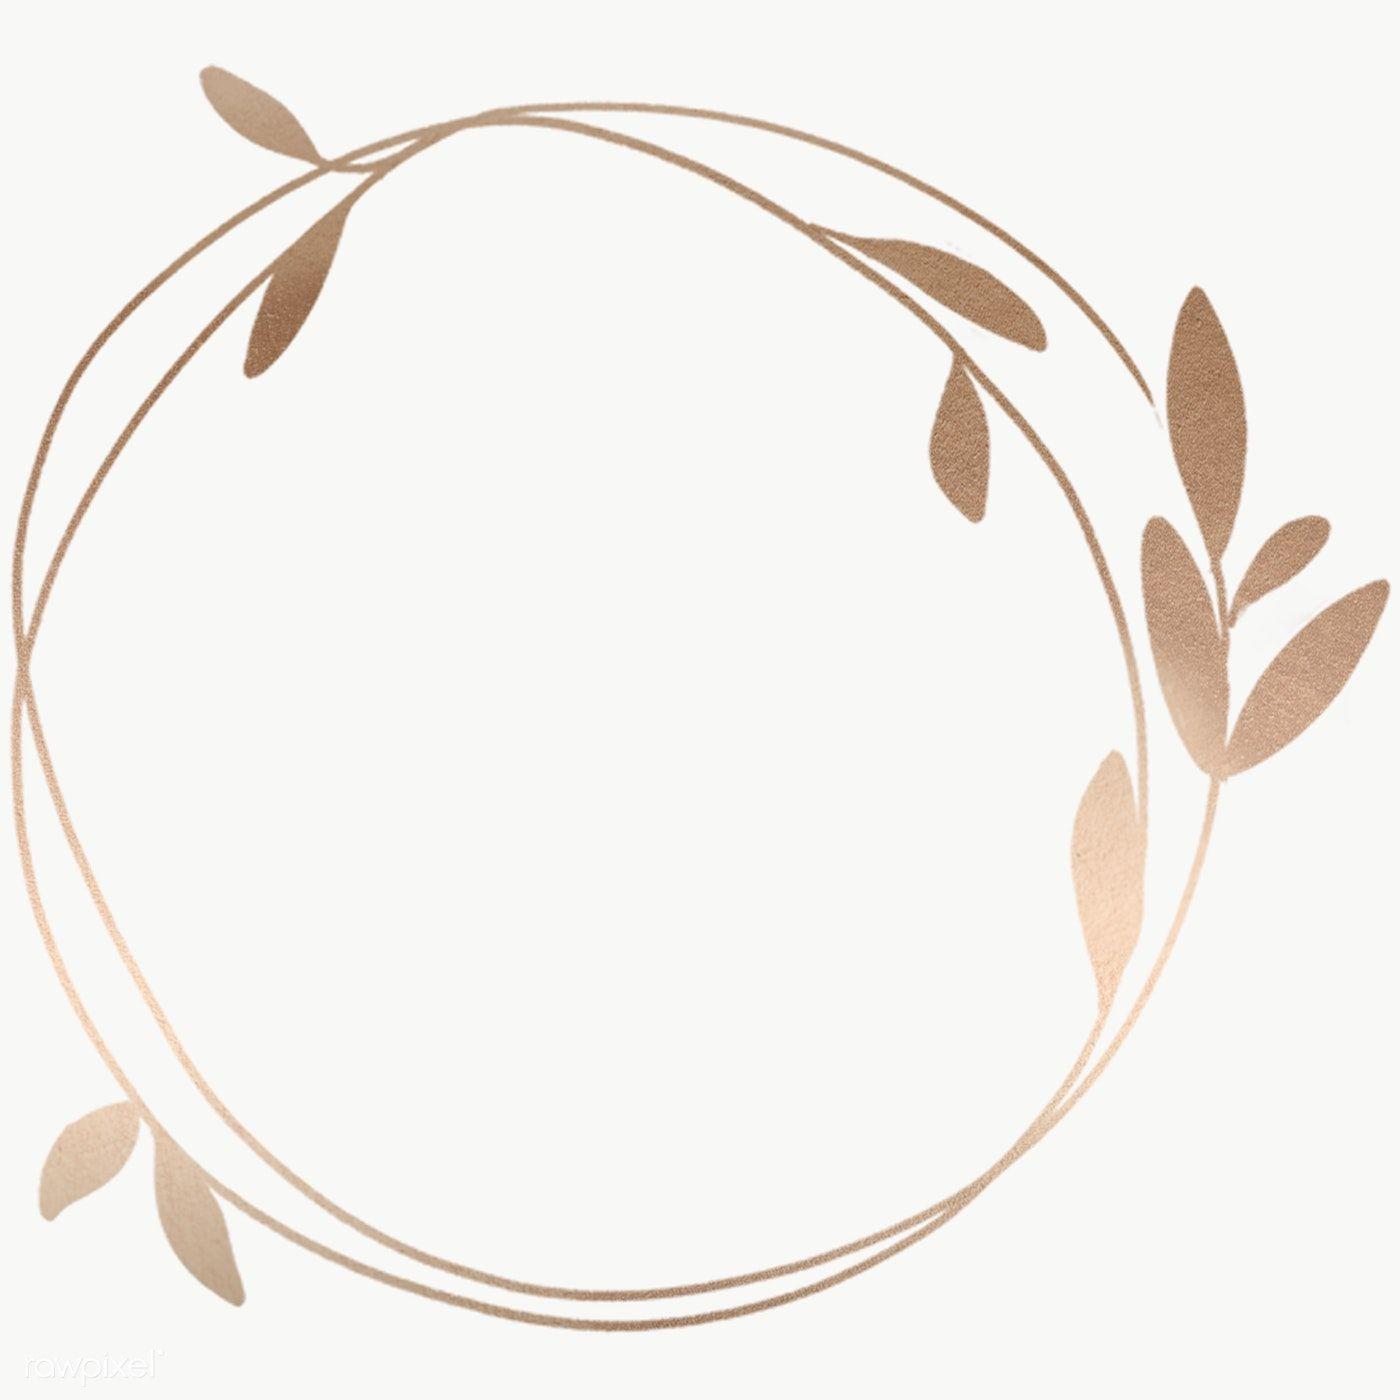 Golden Leafy Frame Transparent Png Premium Image By Rawpixel Com Nunny Floral Logo Design Pastel Background Logo Design Collection